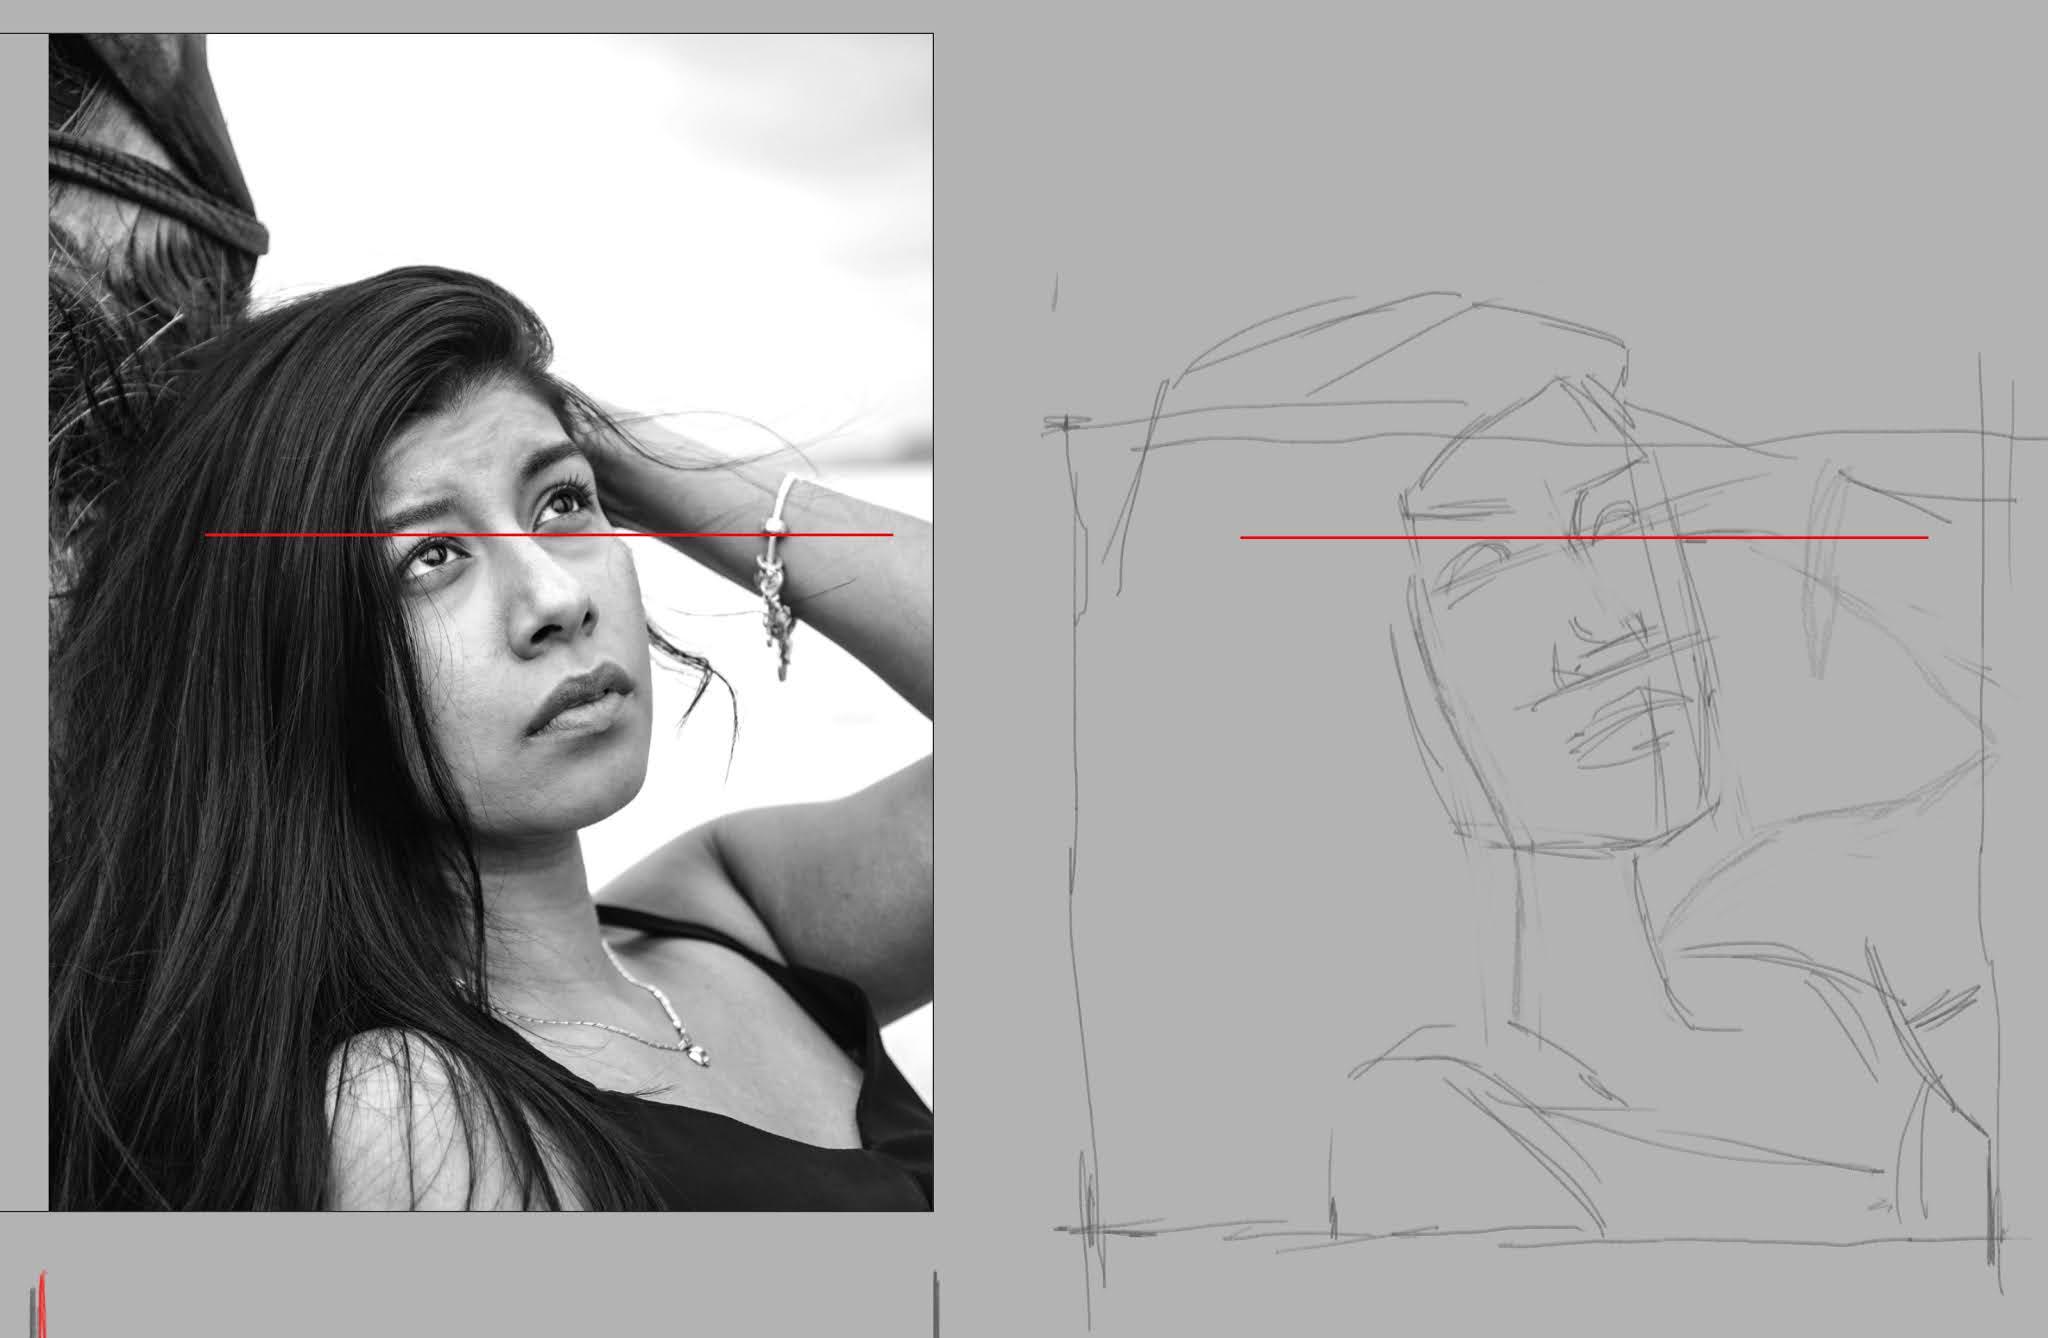 Controllo allineamento del disegno degli occhi tramite l'uso di una linea orizzontale.